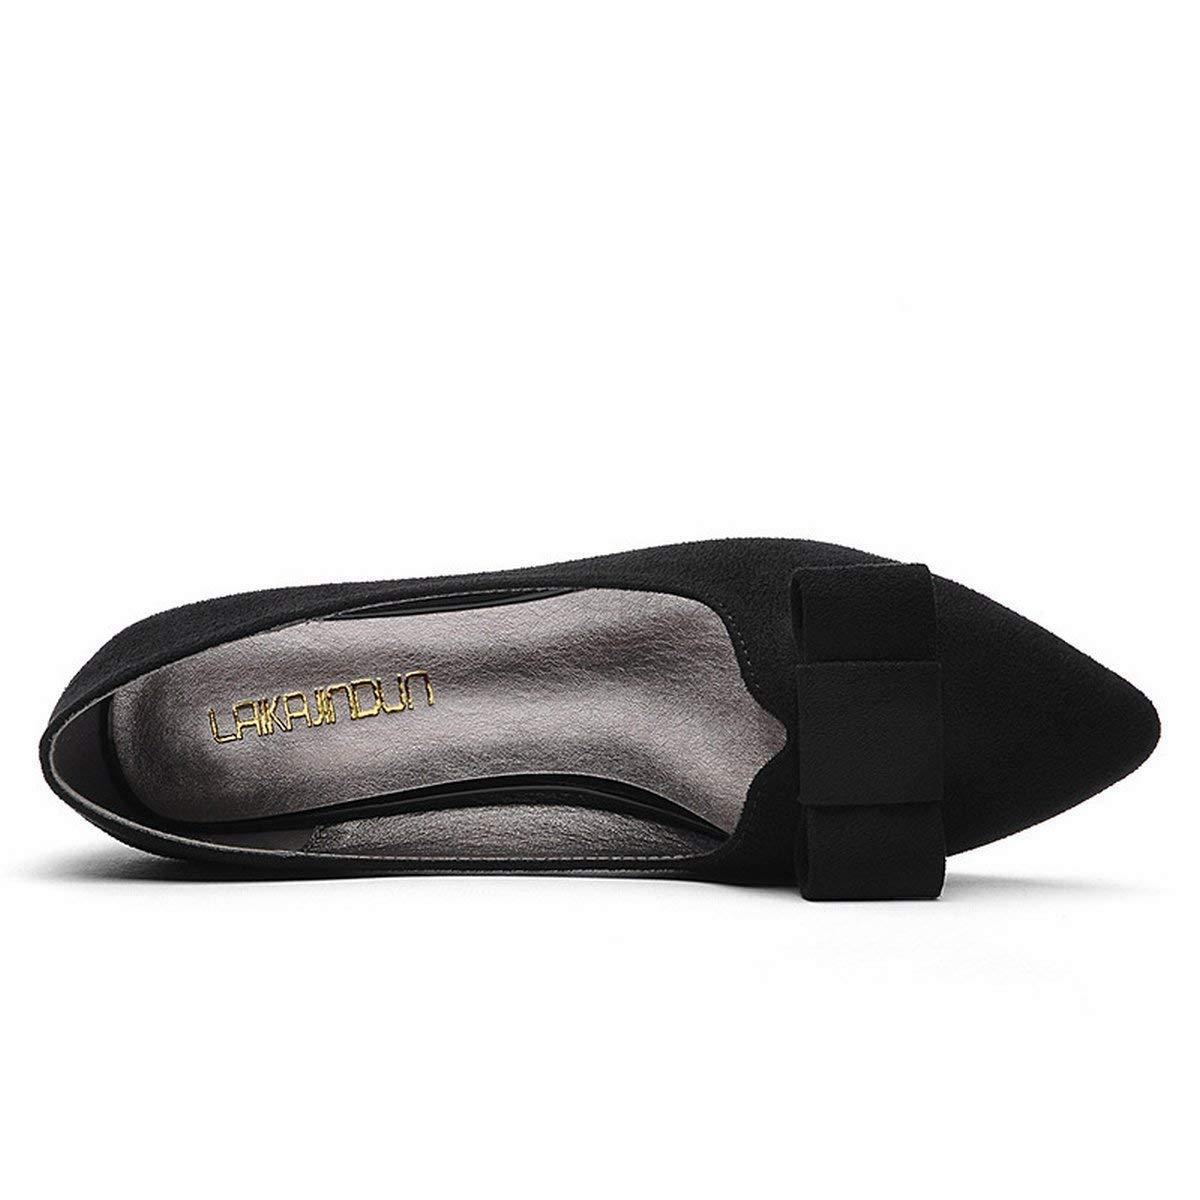 Fuxitoggo Spitz Schleife meiner Schleife mit meiner Schleife Mutter Schuhe schuhe schuhe Schuhe Pedal Schuhe (Farbe   Schwarz Größe   37) 3a06eb